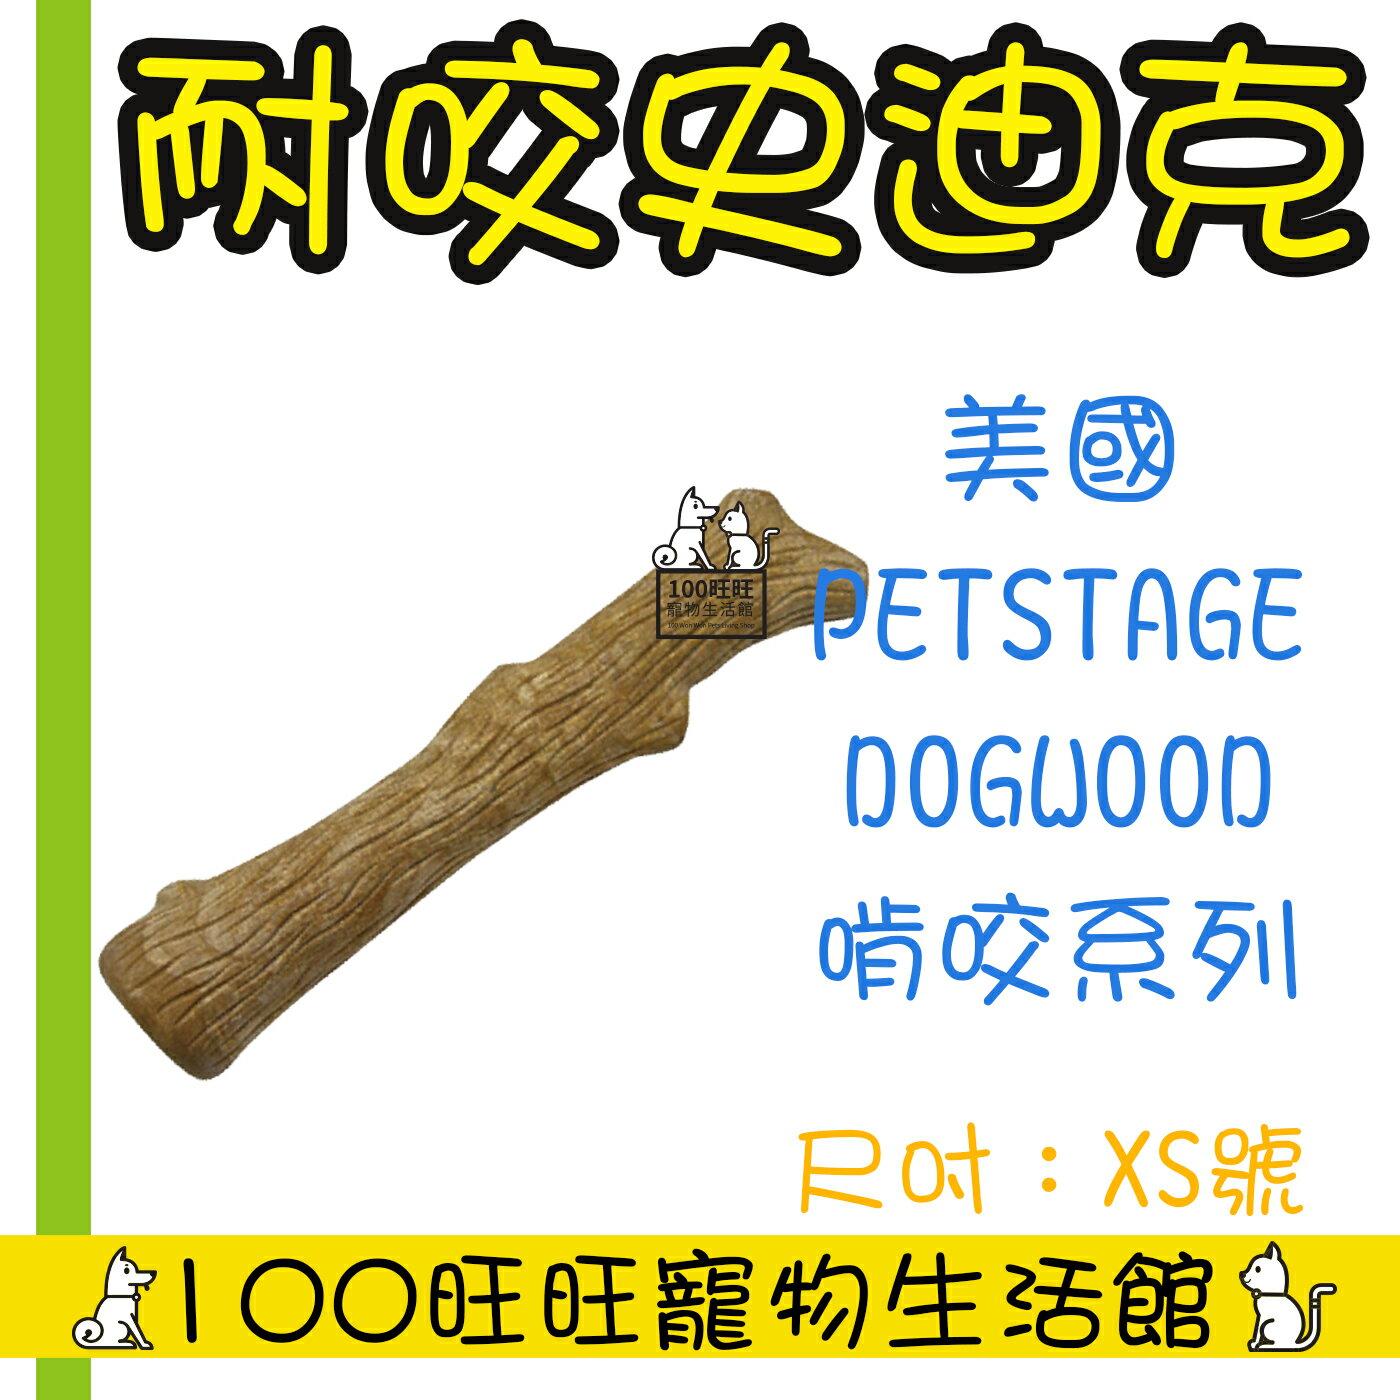 美國 Petstages Durable Stick 耐咬史迪克 潔牙骨 樹枝 啃咬玩具 XS